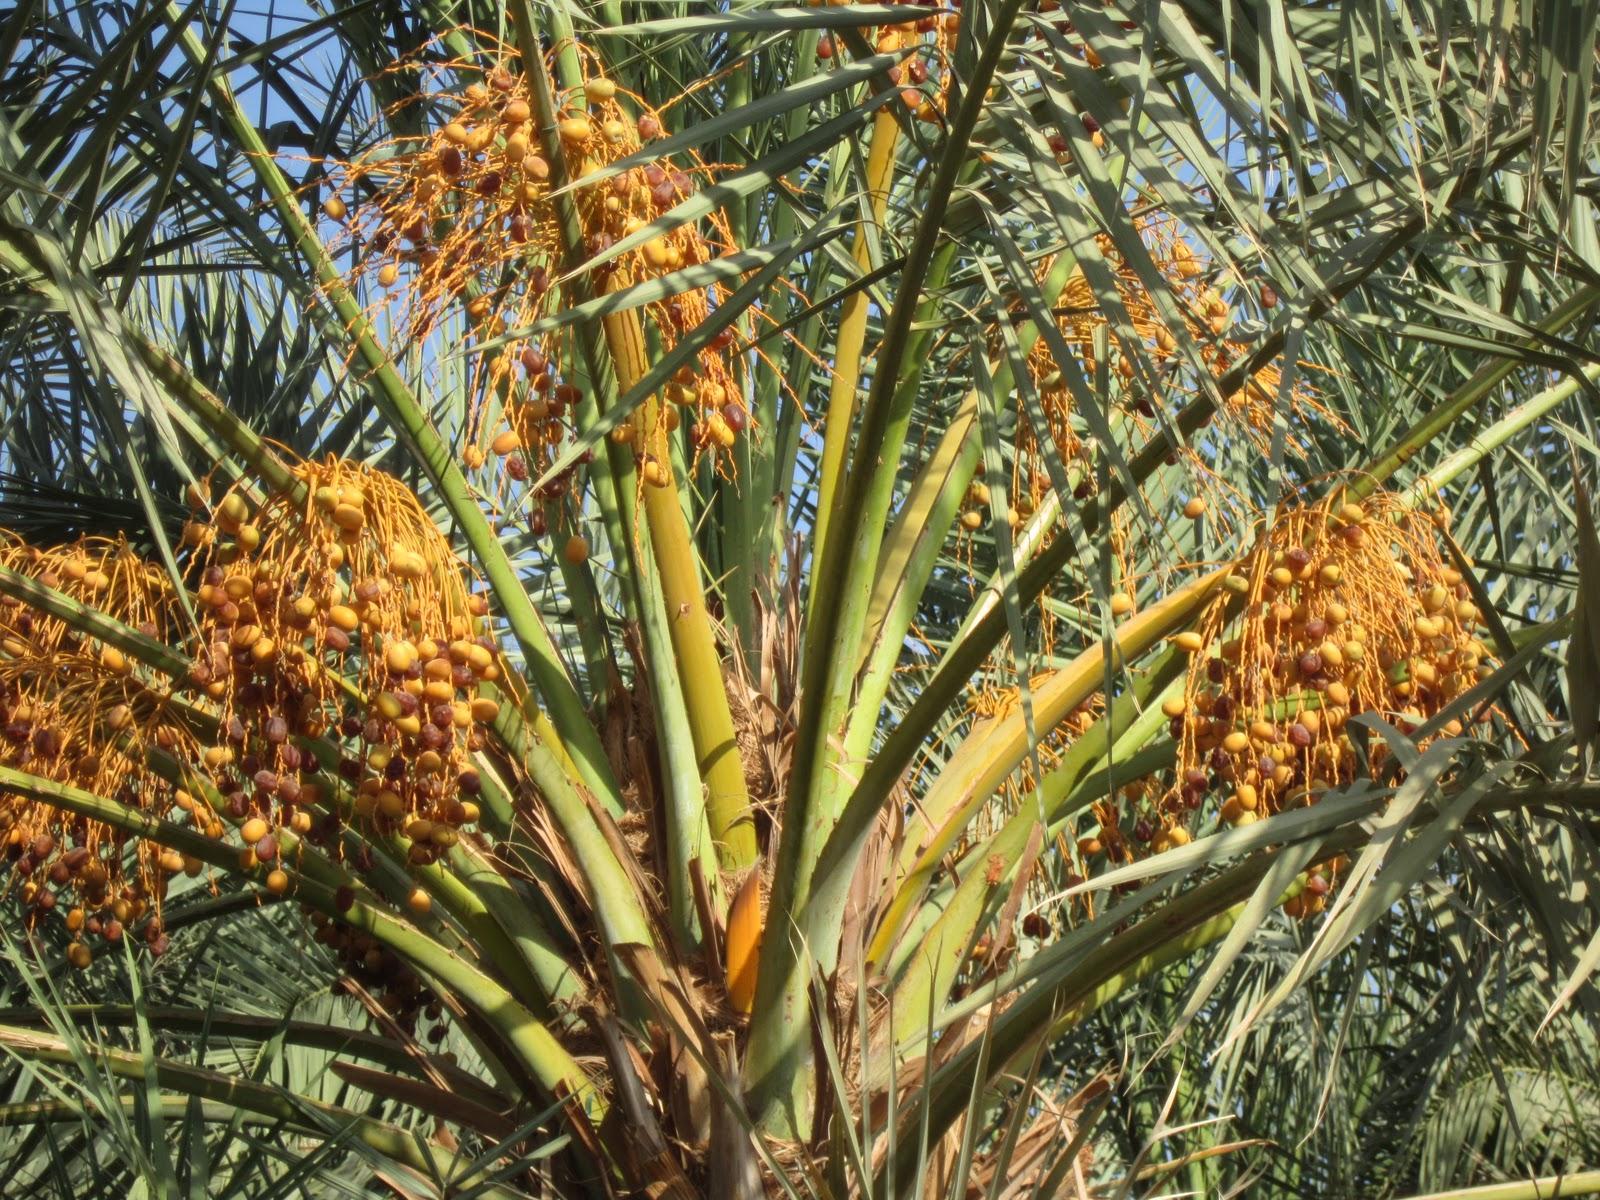 Gambar di atas menunjukkan pohon kurma yang sedang berbuah, dan